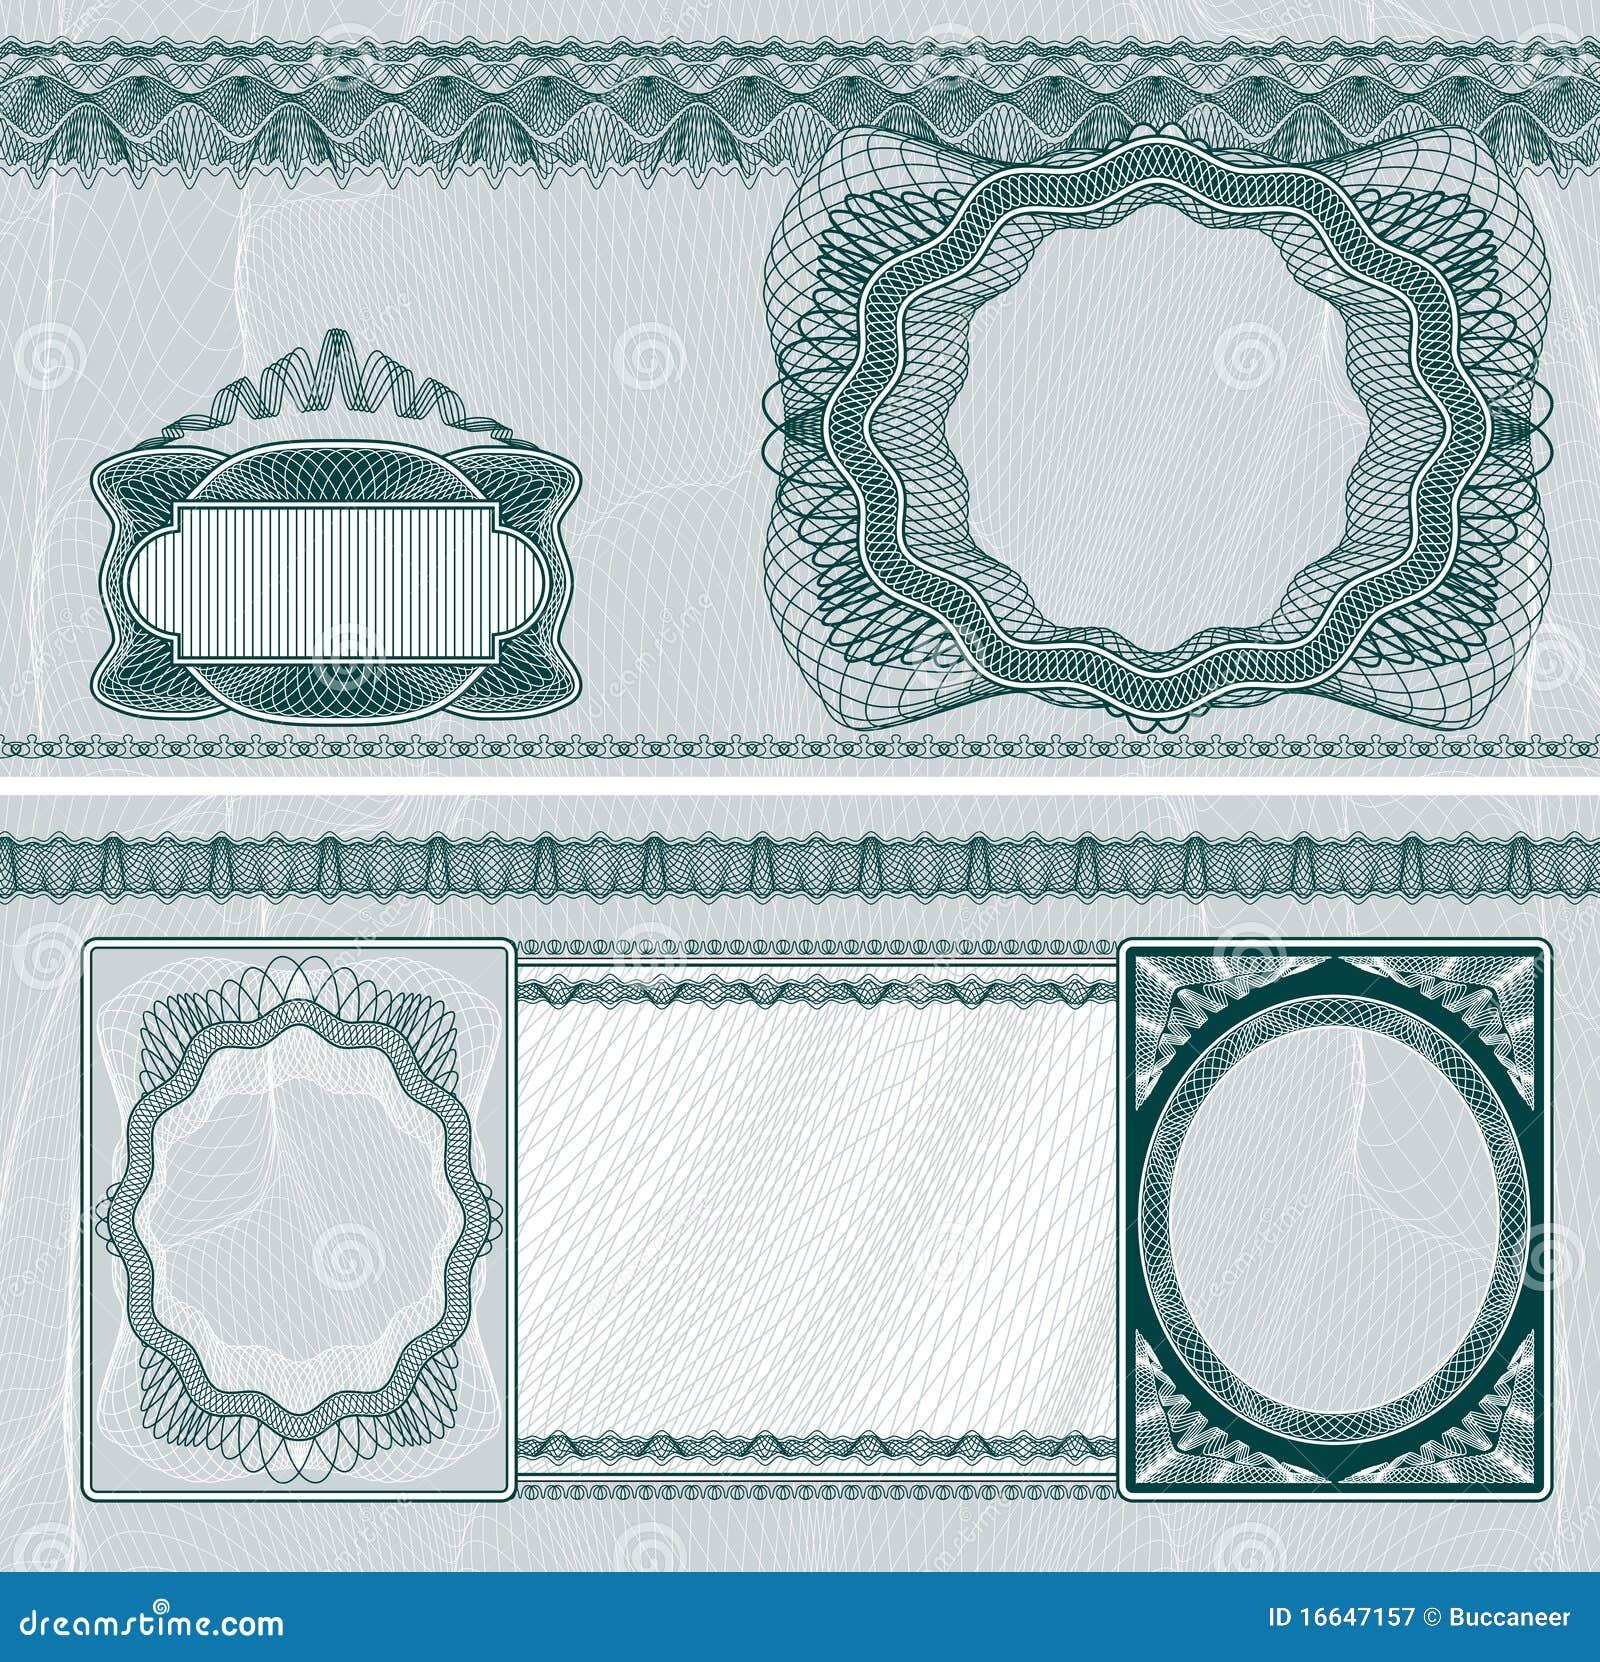 bill payment template